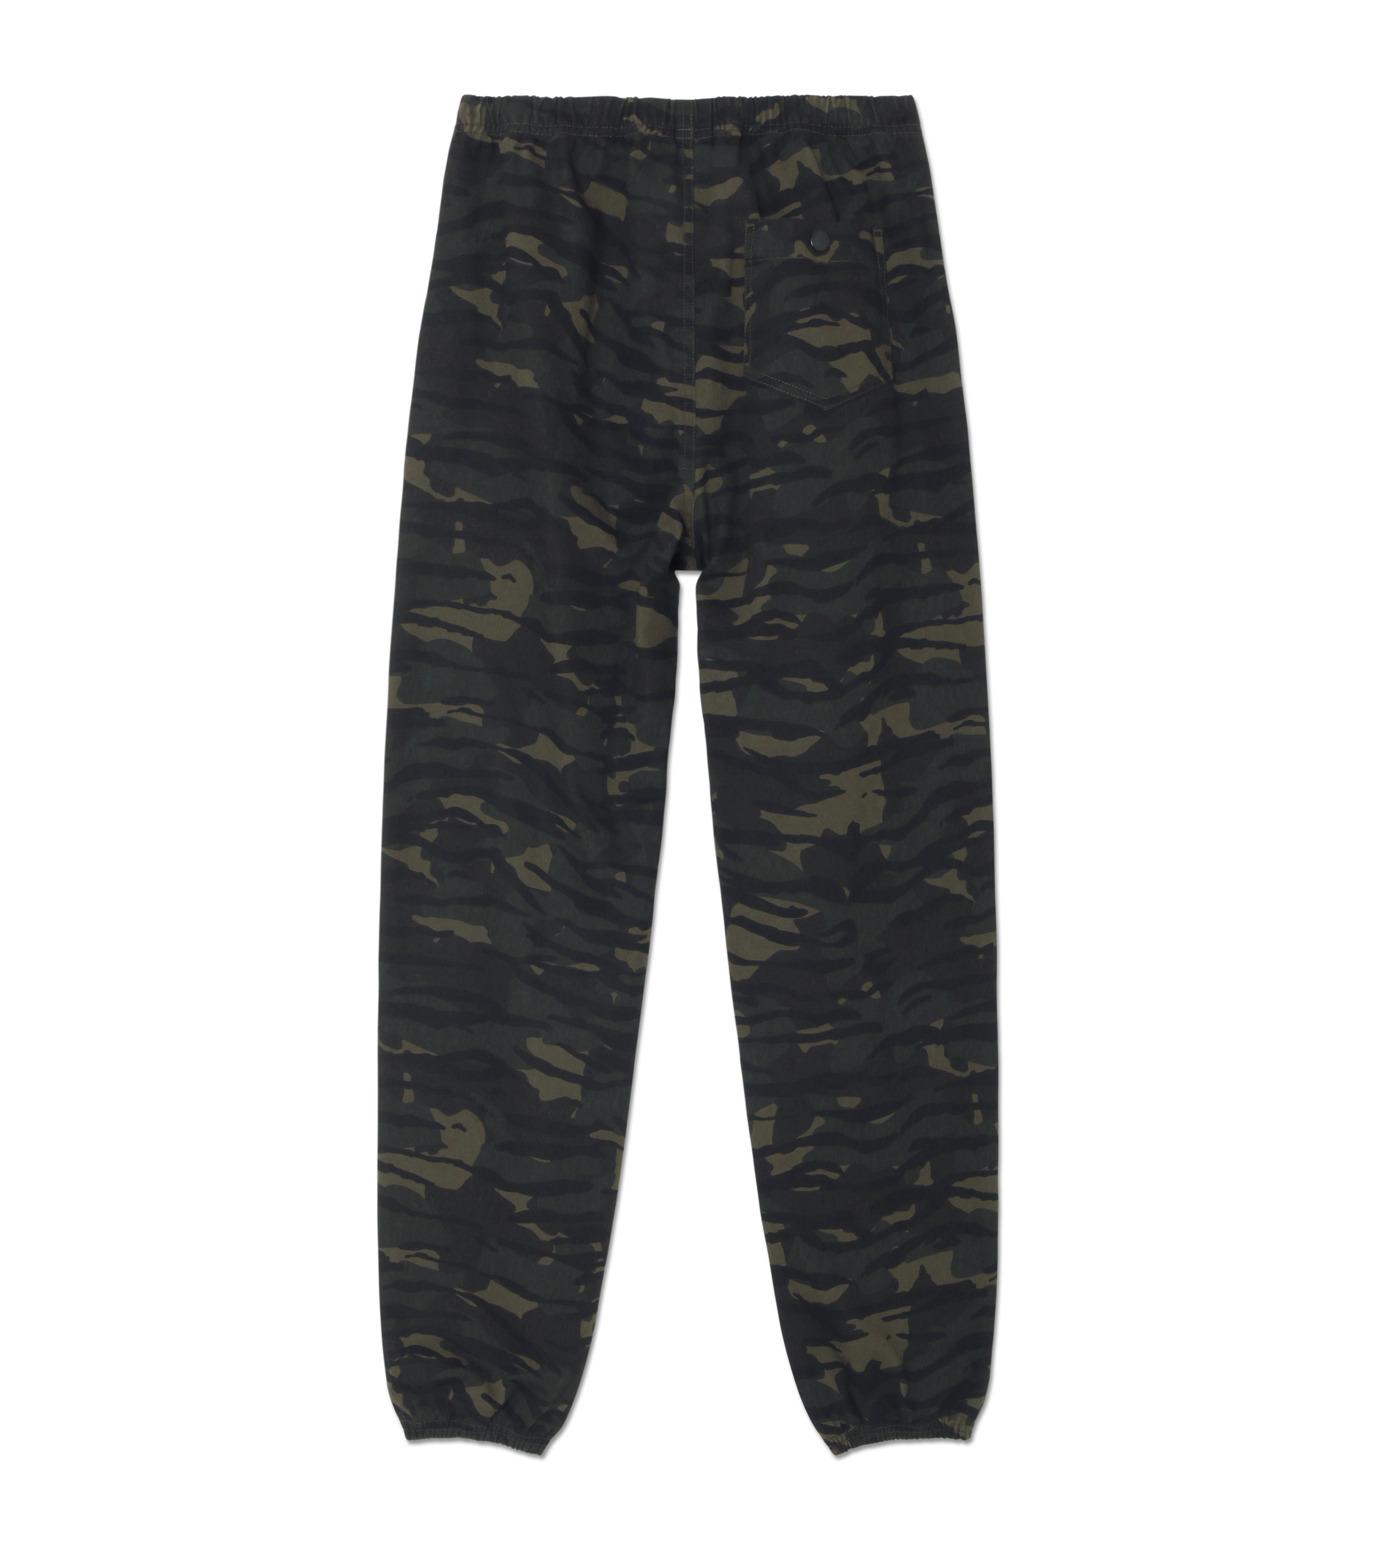 Alexander Wang(アレキサンダーワン)のCamoflage Pants-KHAKI-603017F16-24 拡大詳細画像2